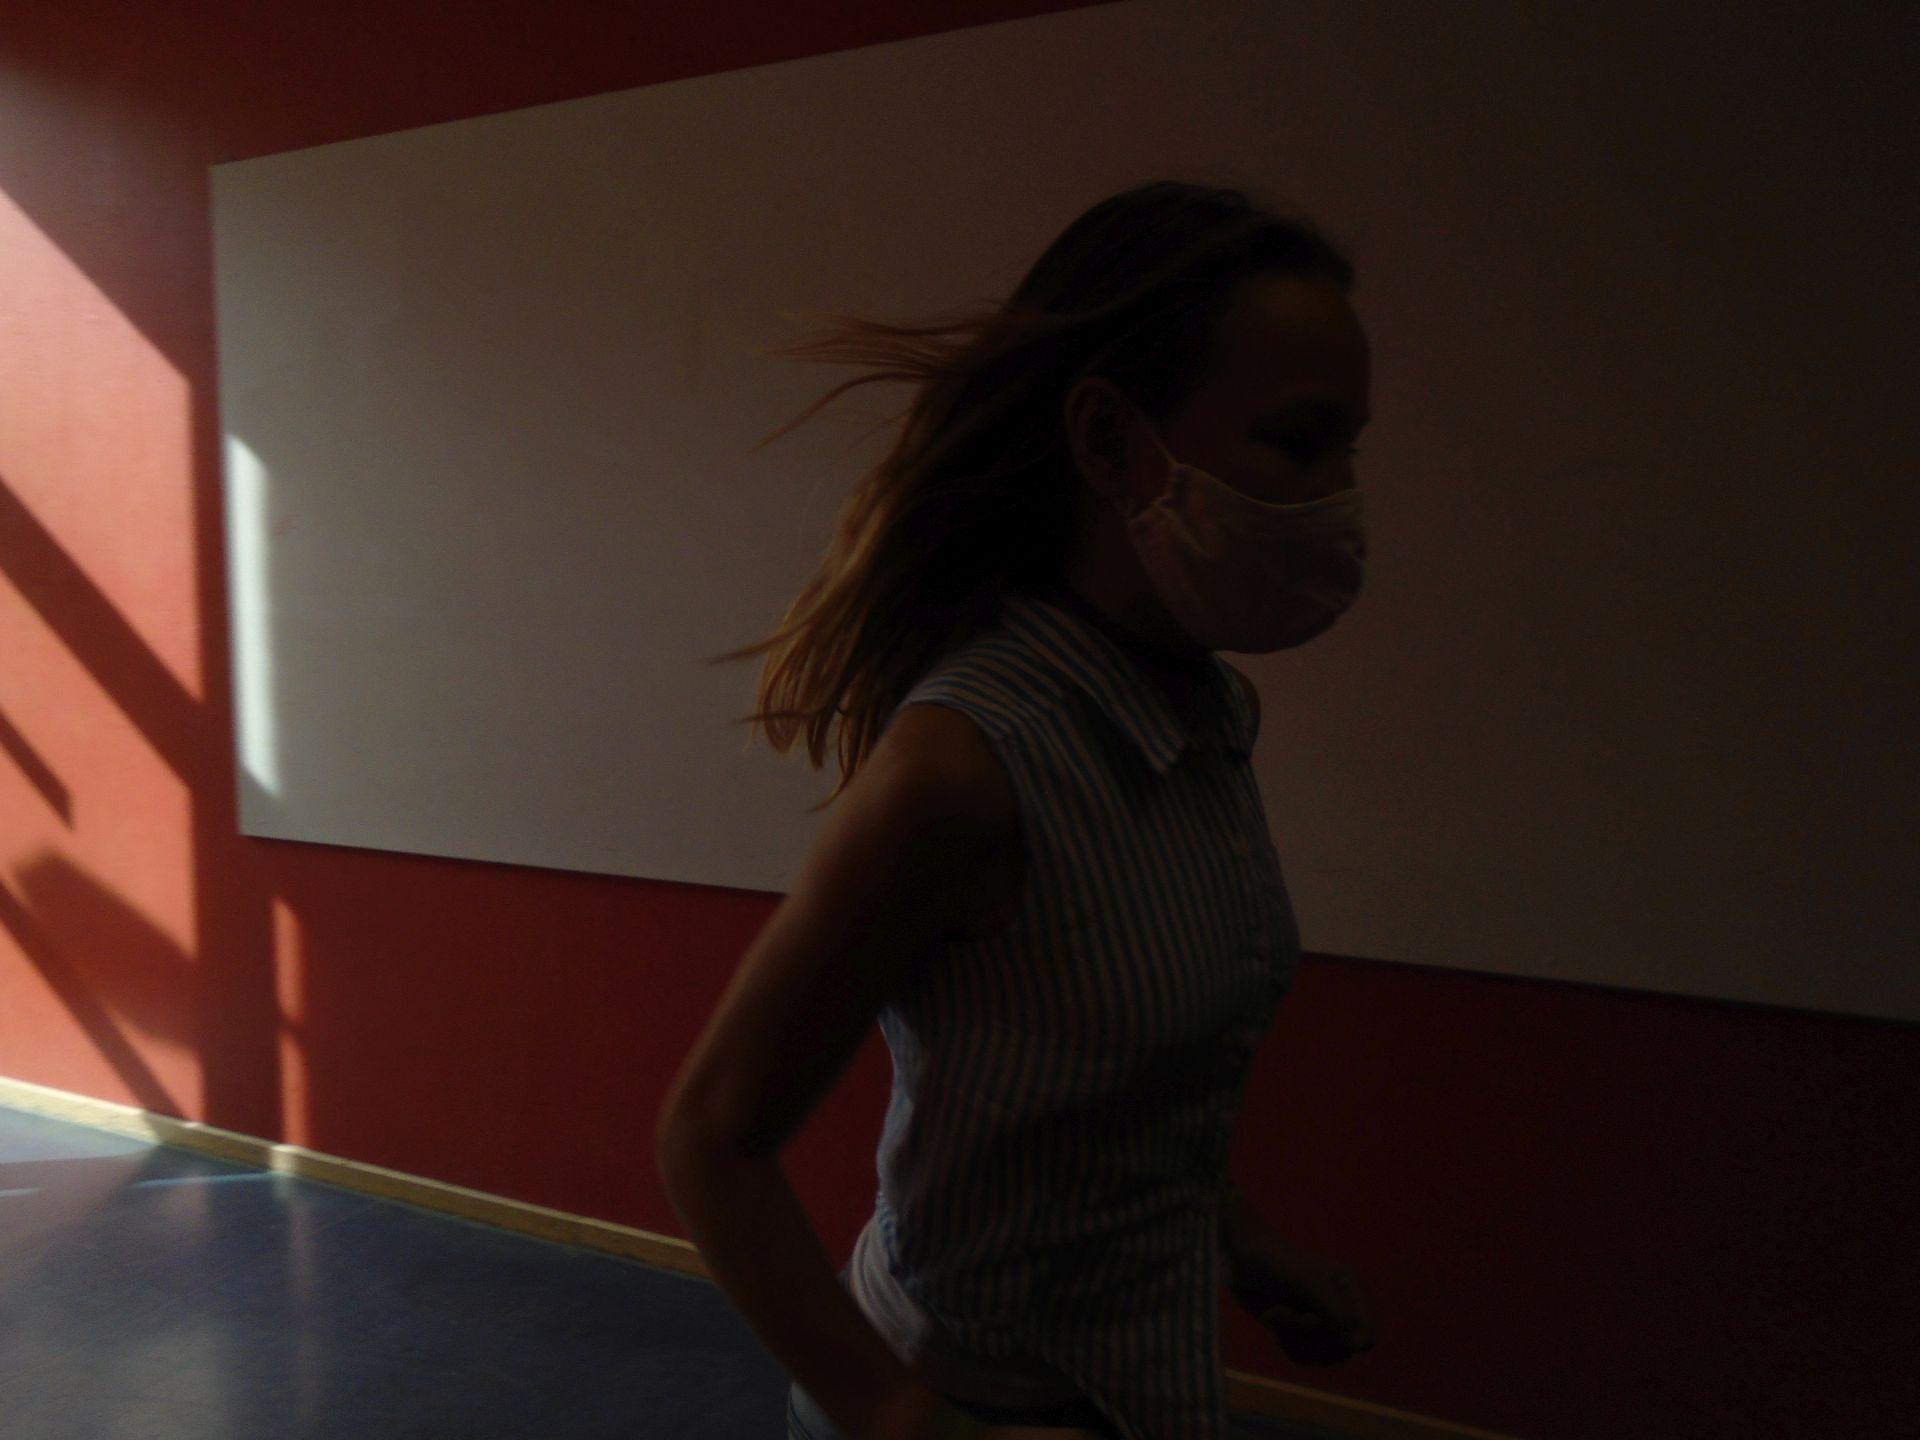 Mädchen rennt durchs Bild dunkler Hintergrund